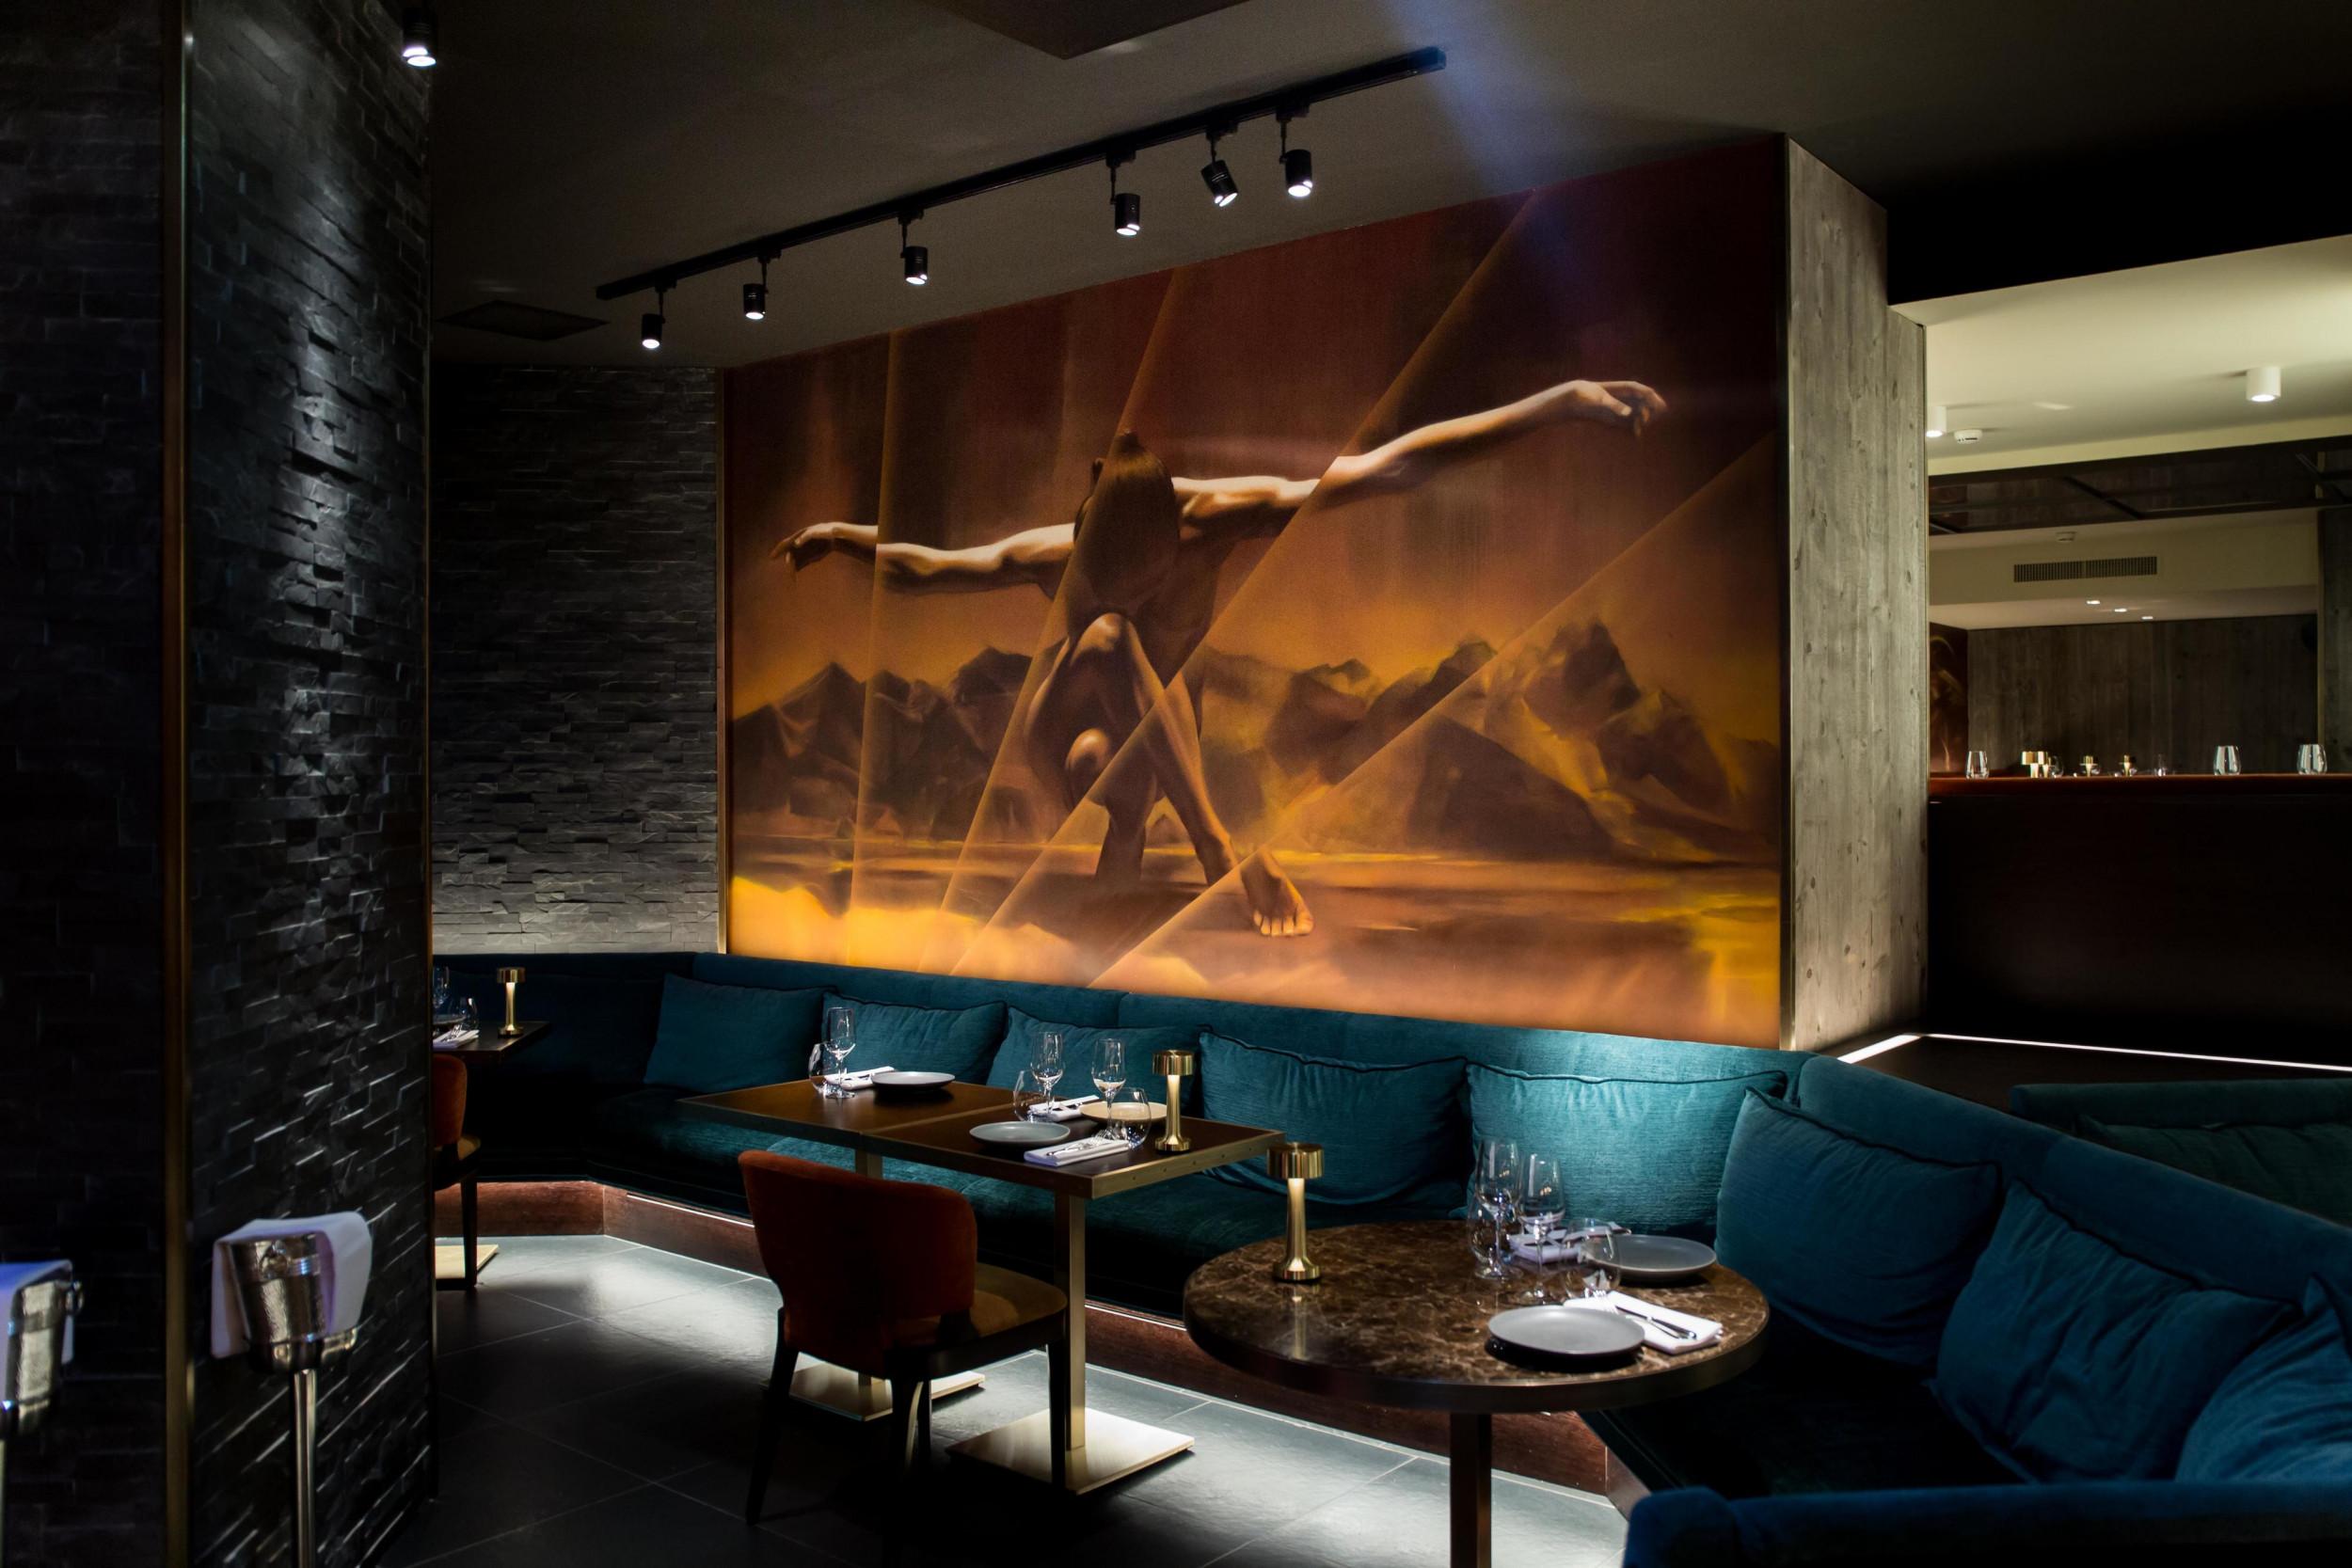 Wall art in St Moritz